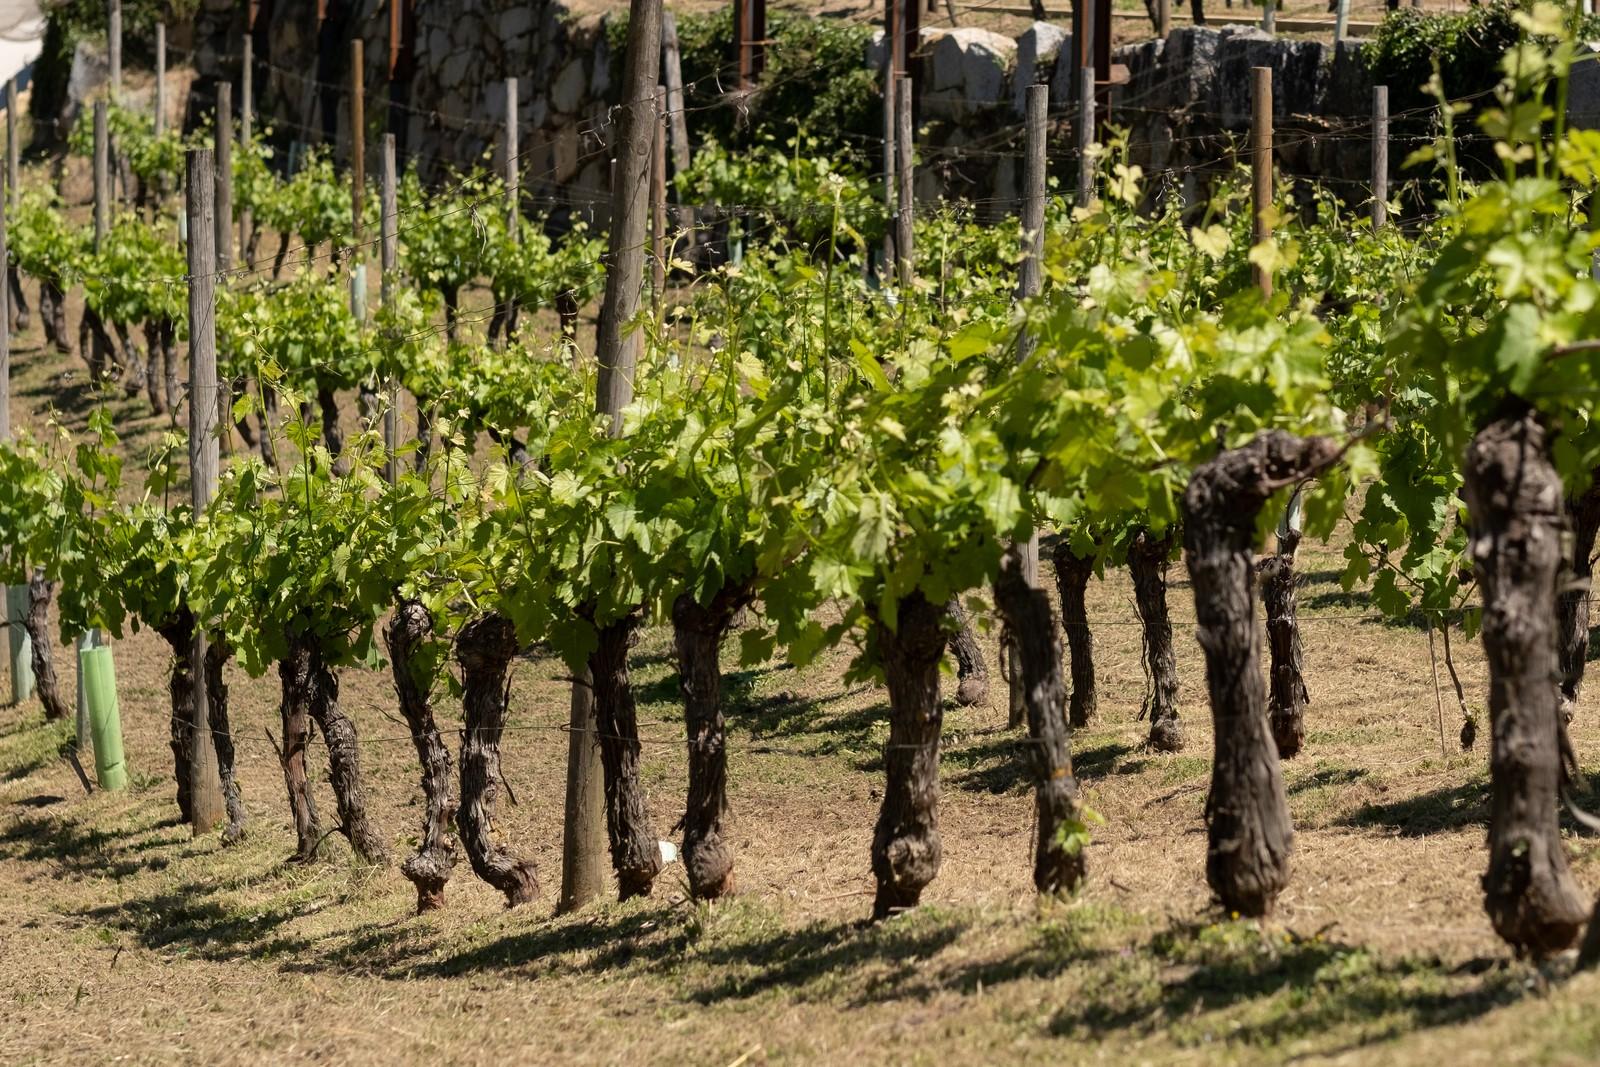 La Xunta renovará en el 2021 el Préstamo Vendimia para garantizar que las bodegas puedan comprar toda la uva de la cosecha en condiciones normales de mercado